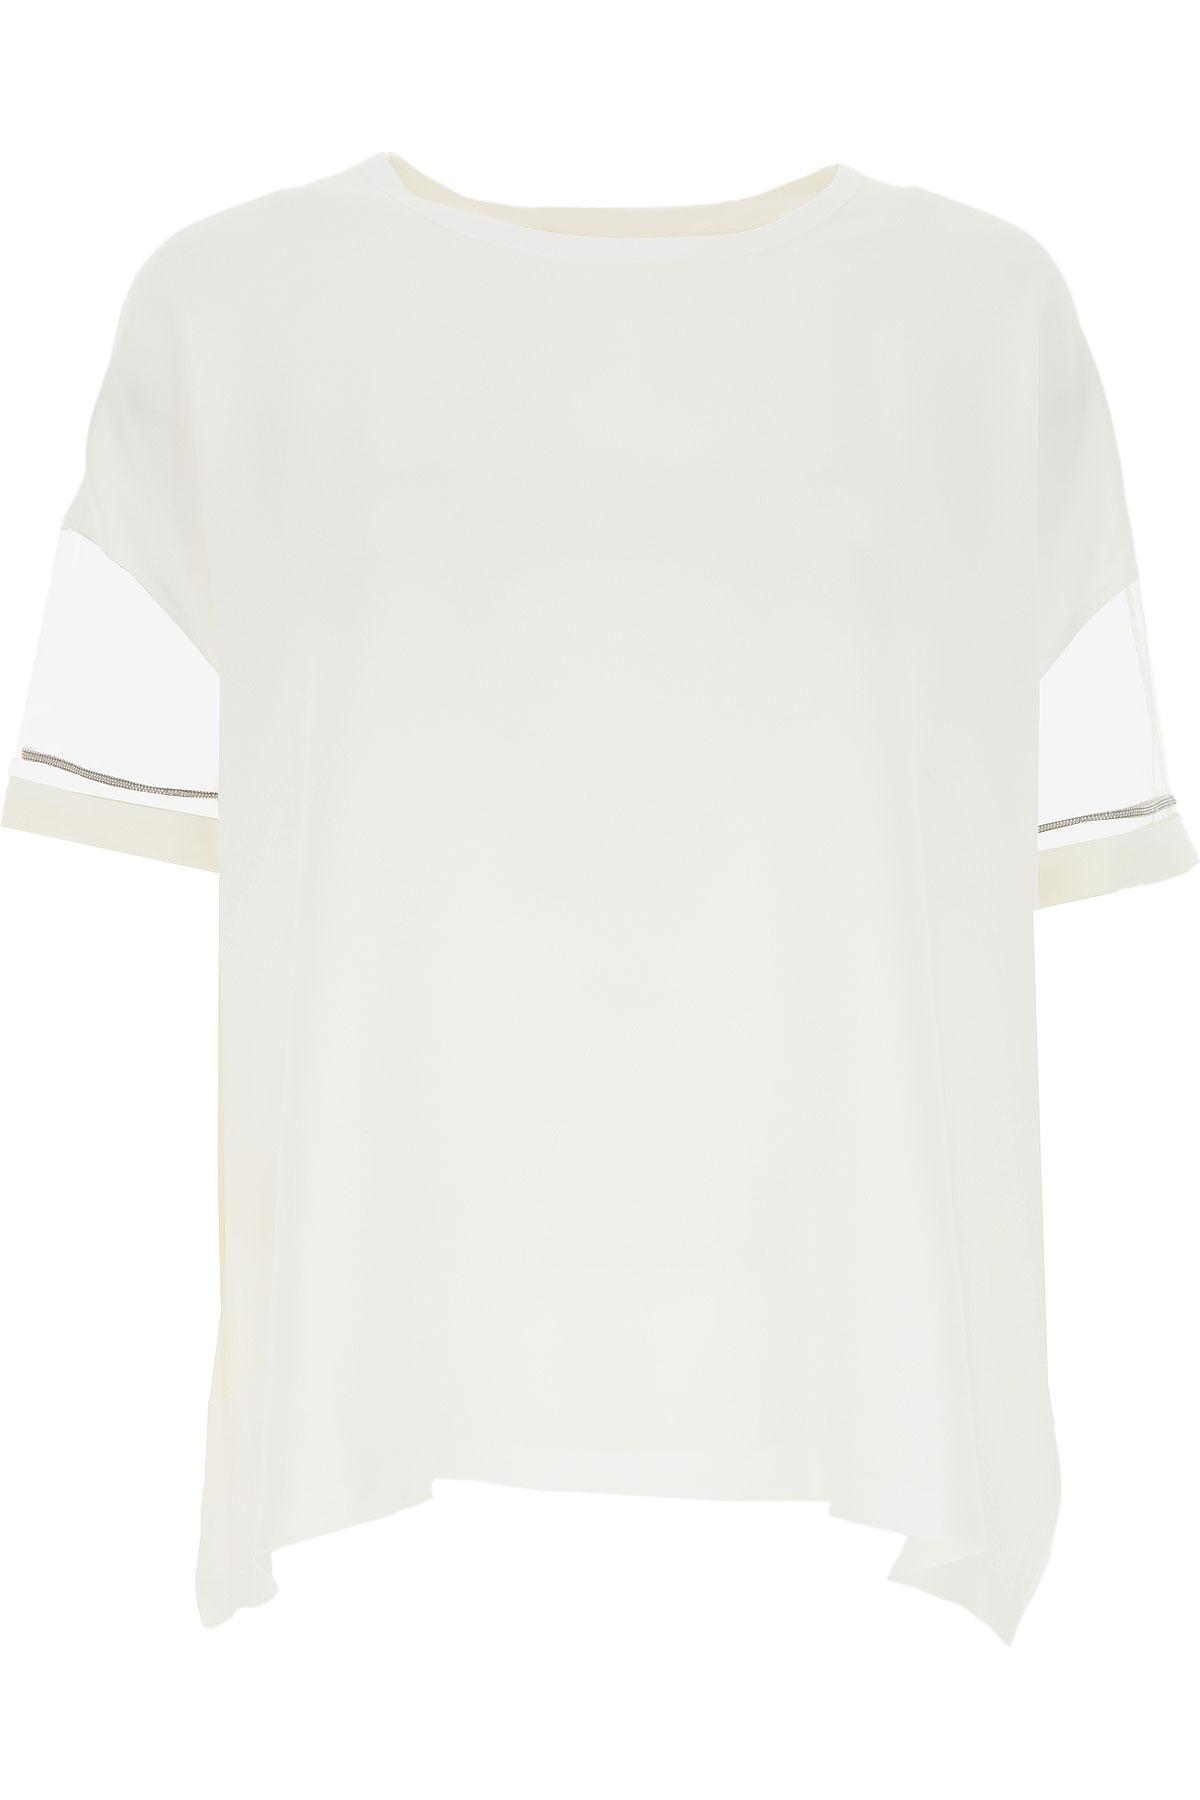 Fabiana Filippi T-shirt Femme Pas cher en Soldes, Blanc, Acrylique, 2019, 40 44 46 48 M